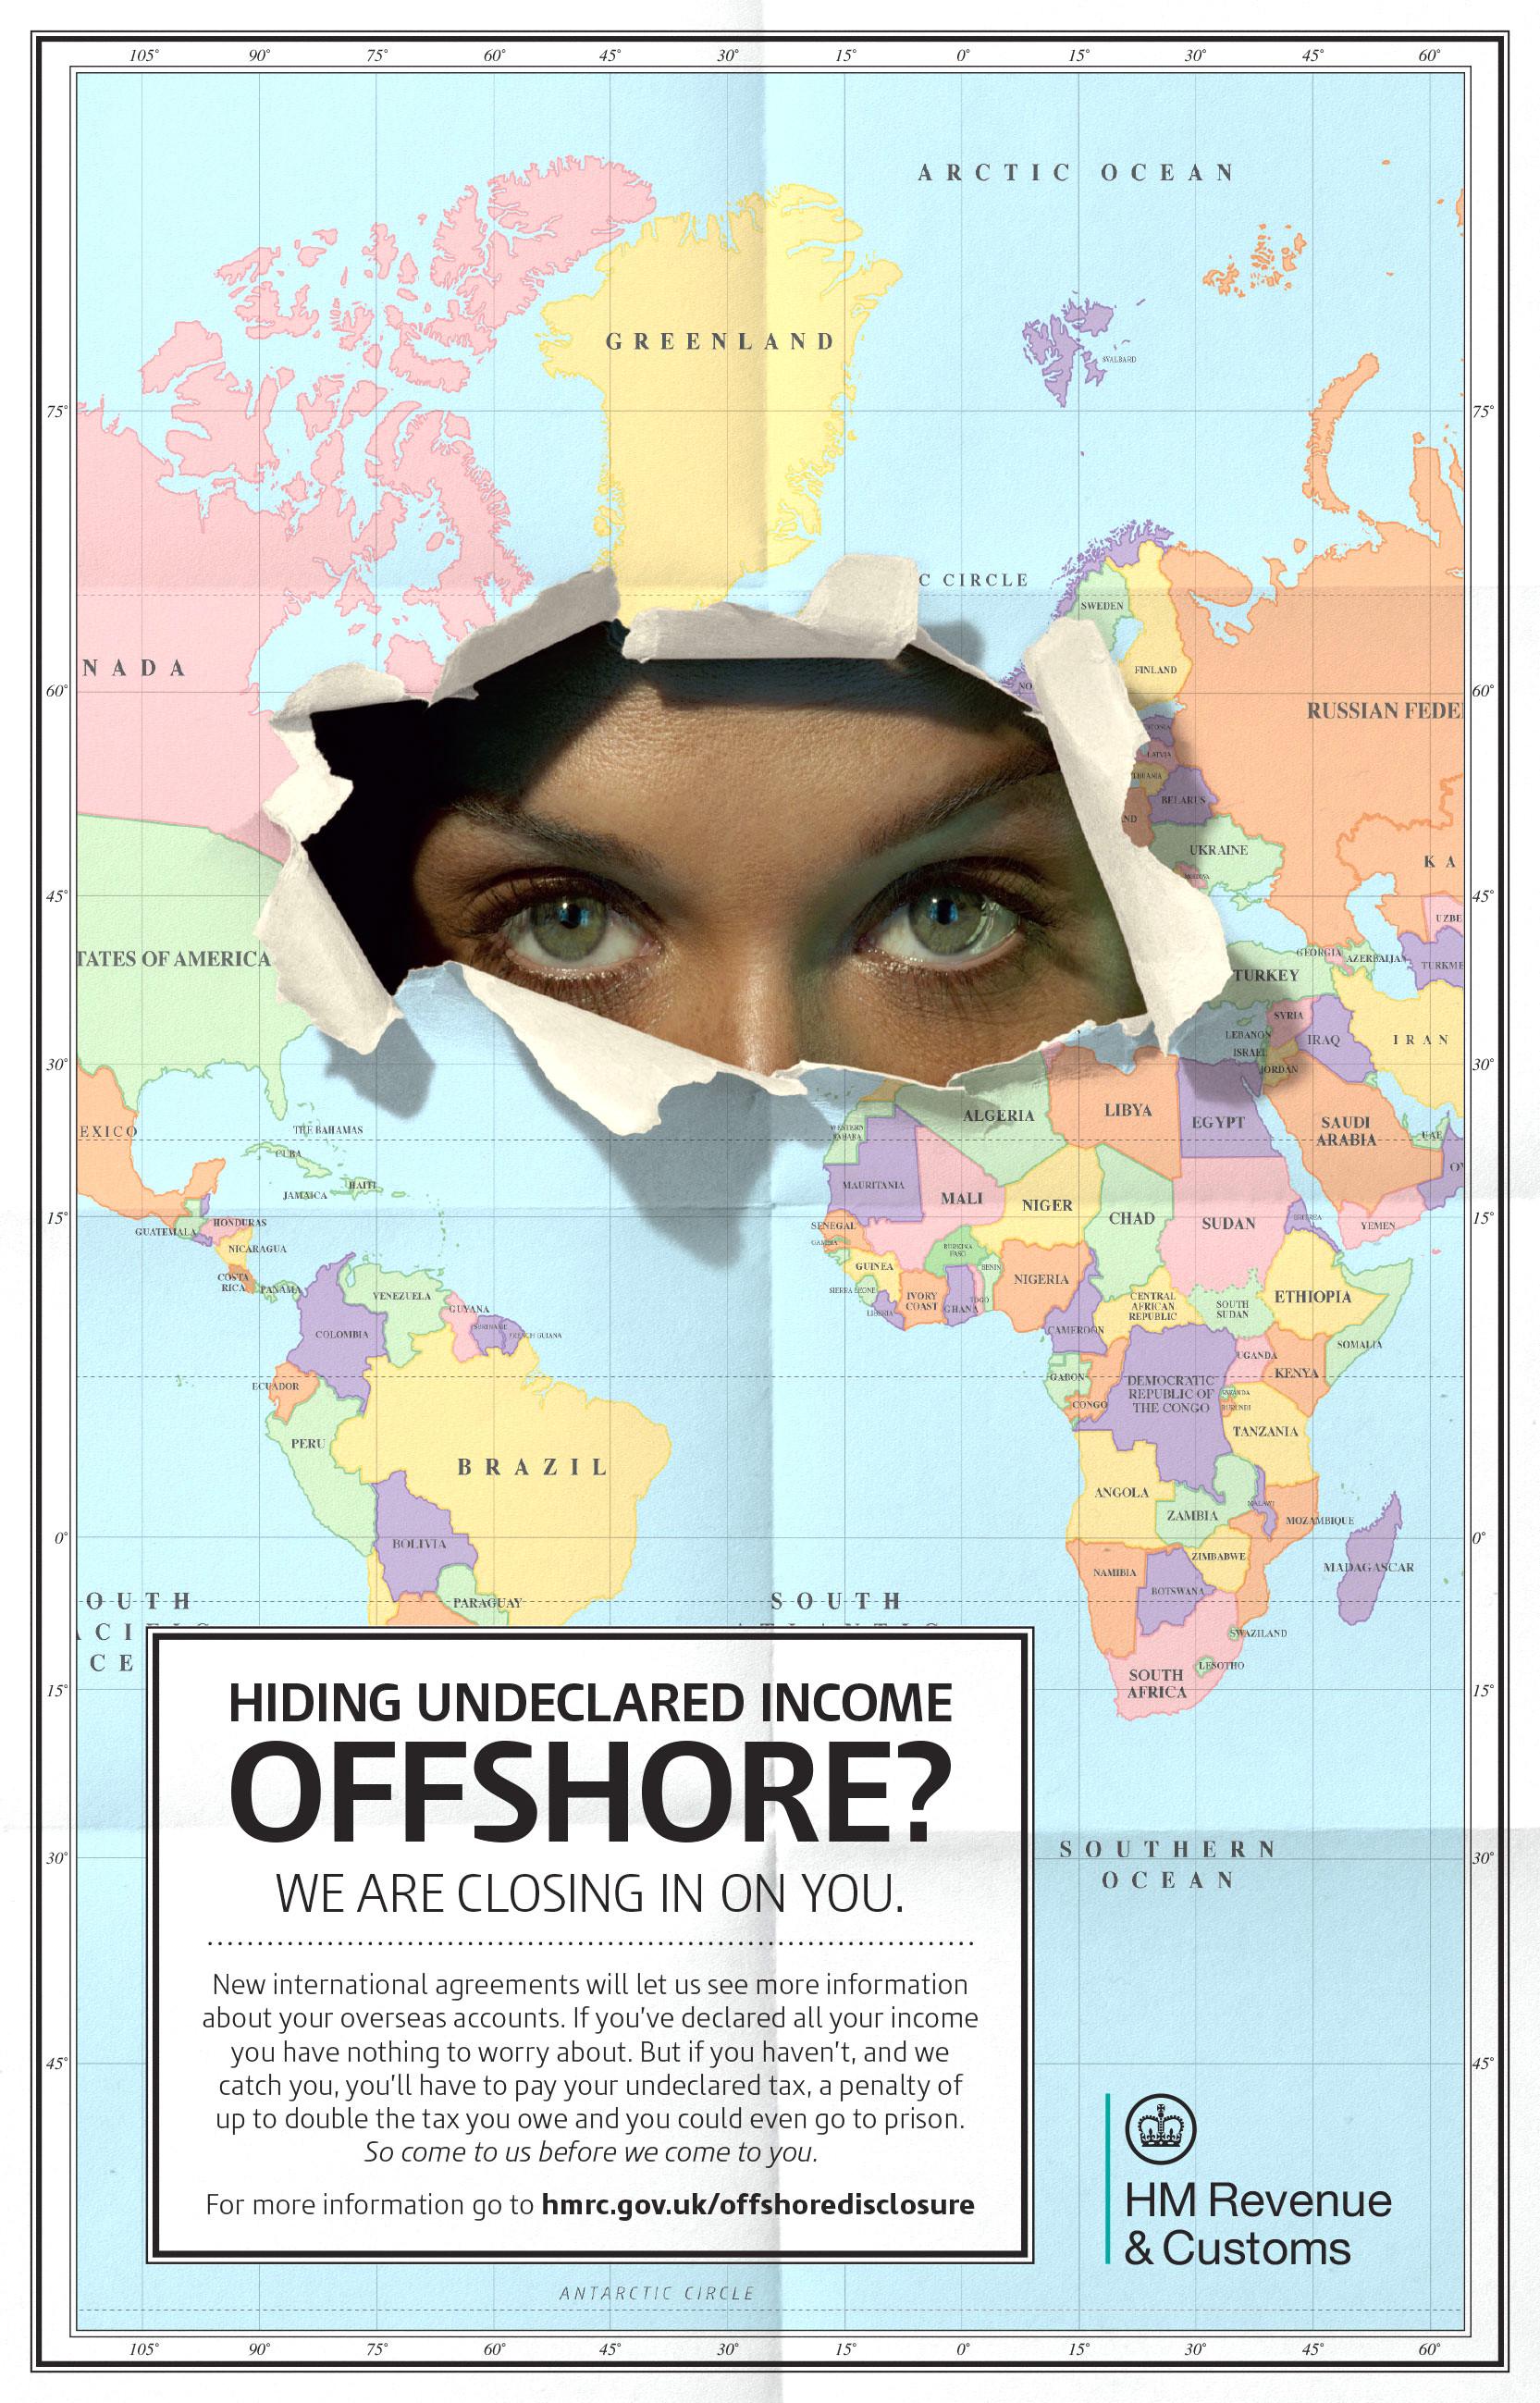 HMRC_offshore_evasion_poster_February_2014.jpg